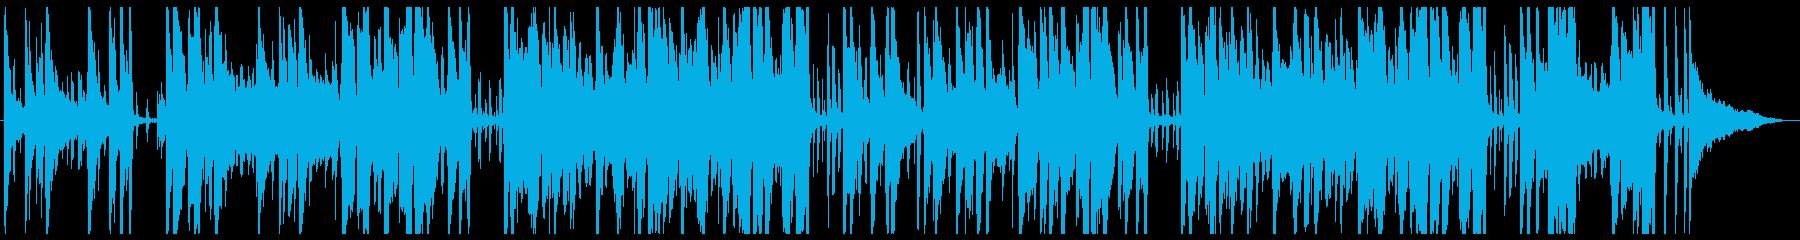 静かでおしゃれなトランペットのジャズの再生済みの波形